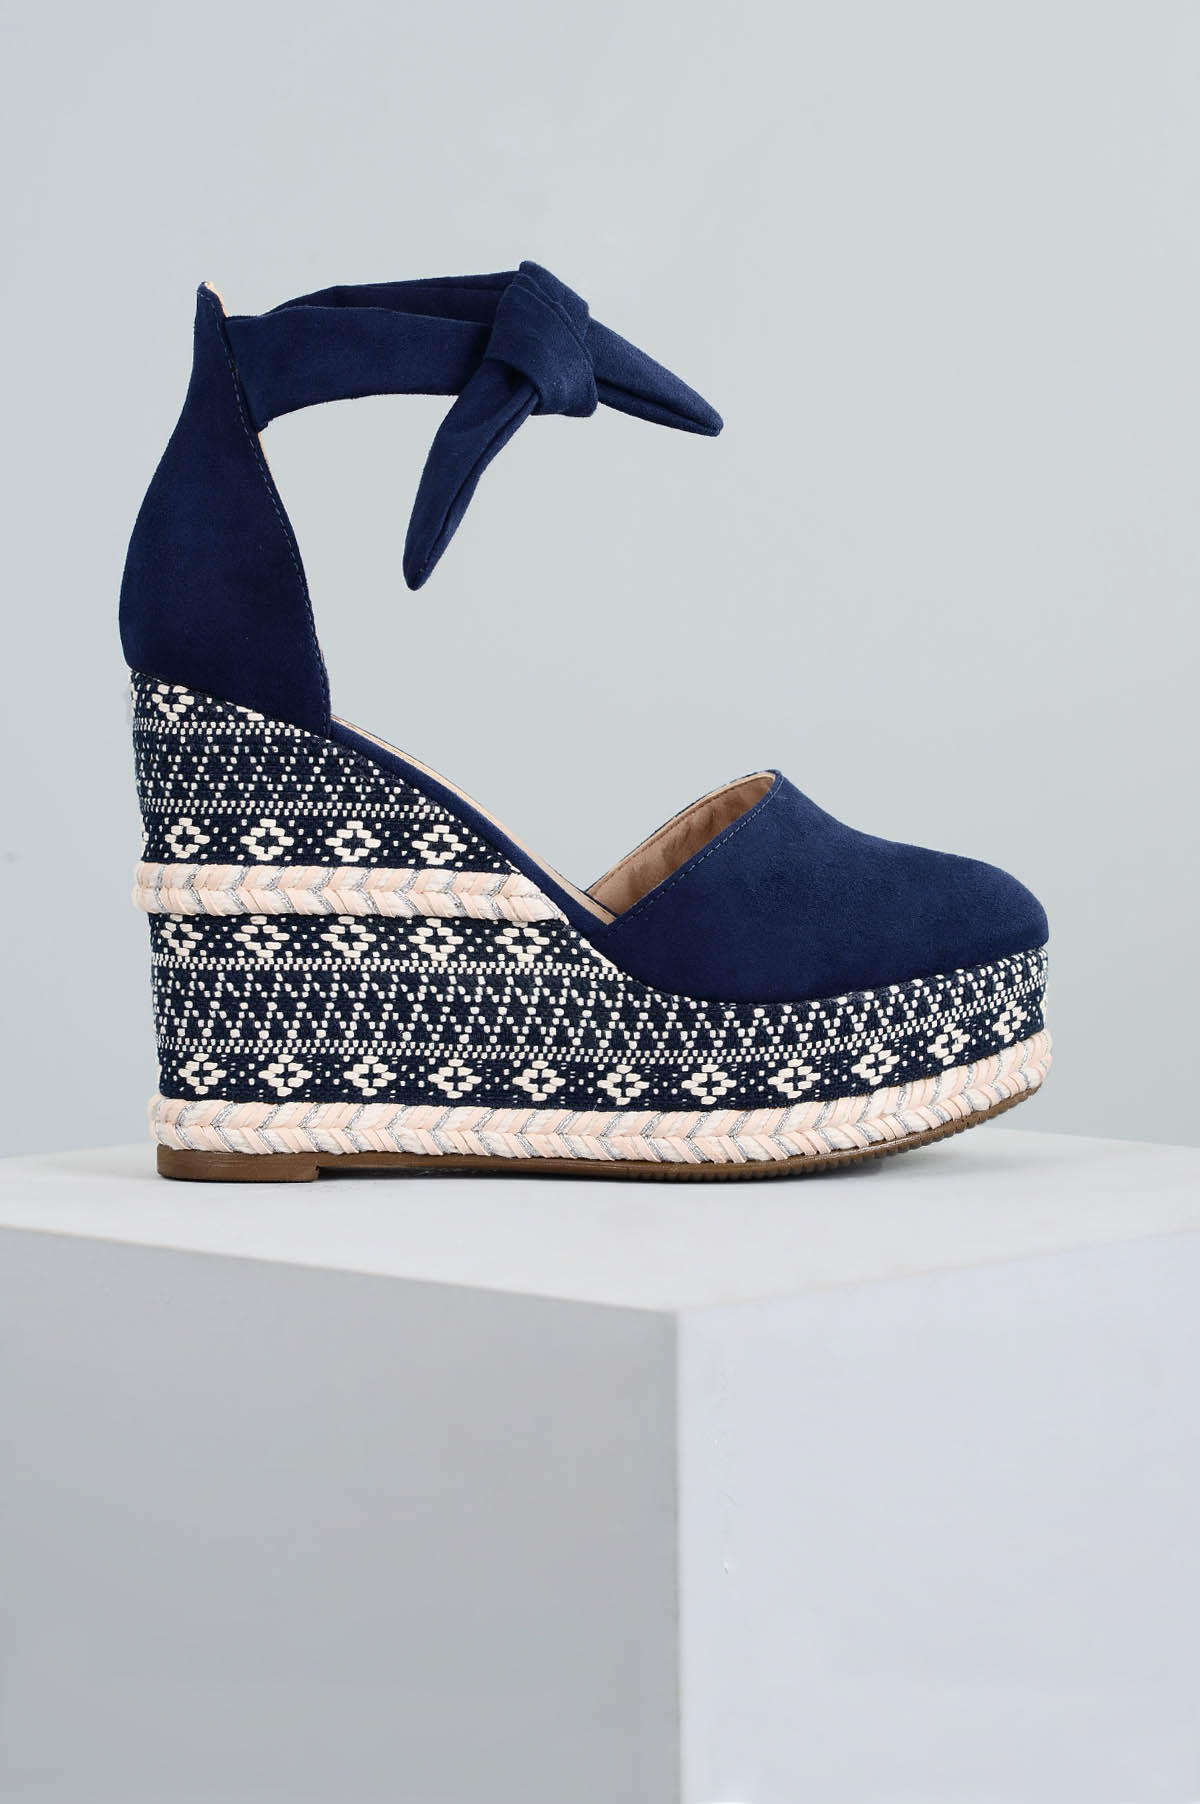 3c3baa3382 Sapato Feminino Anabela Caron Mundial CAM - MARINHO - Mundial Calçados